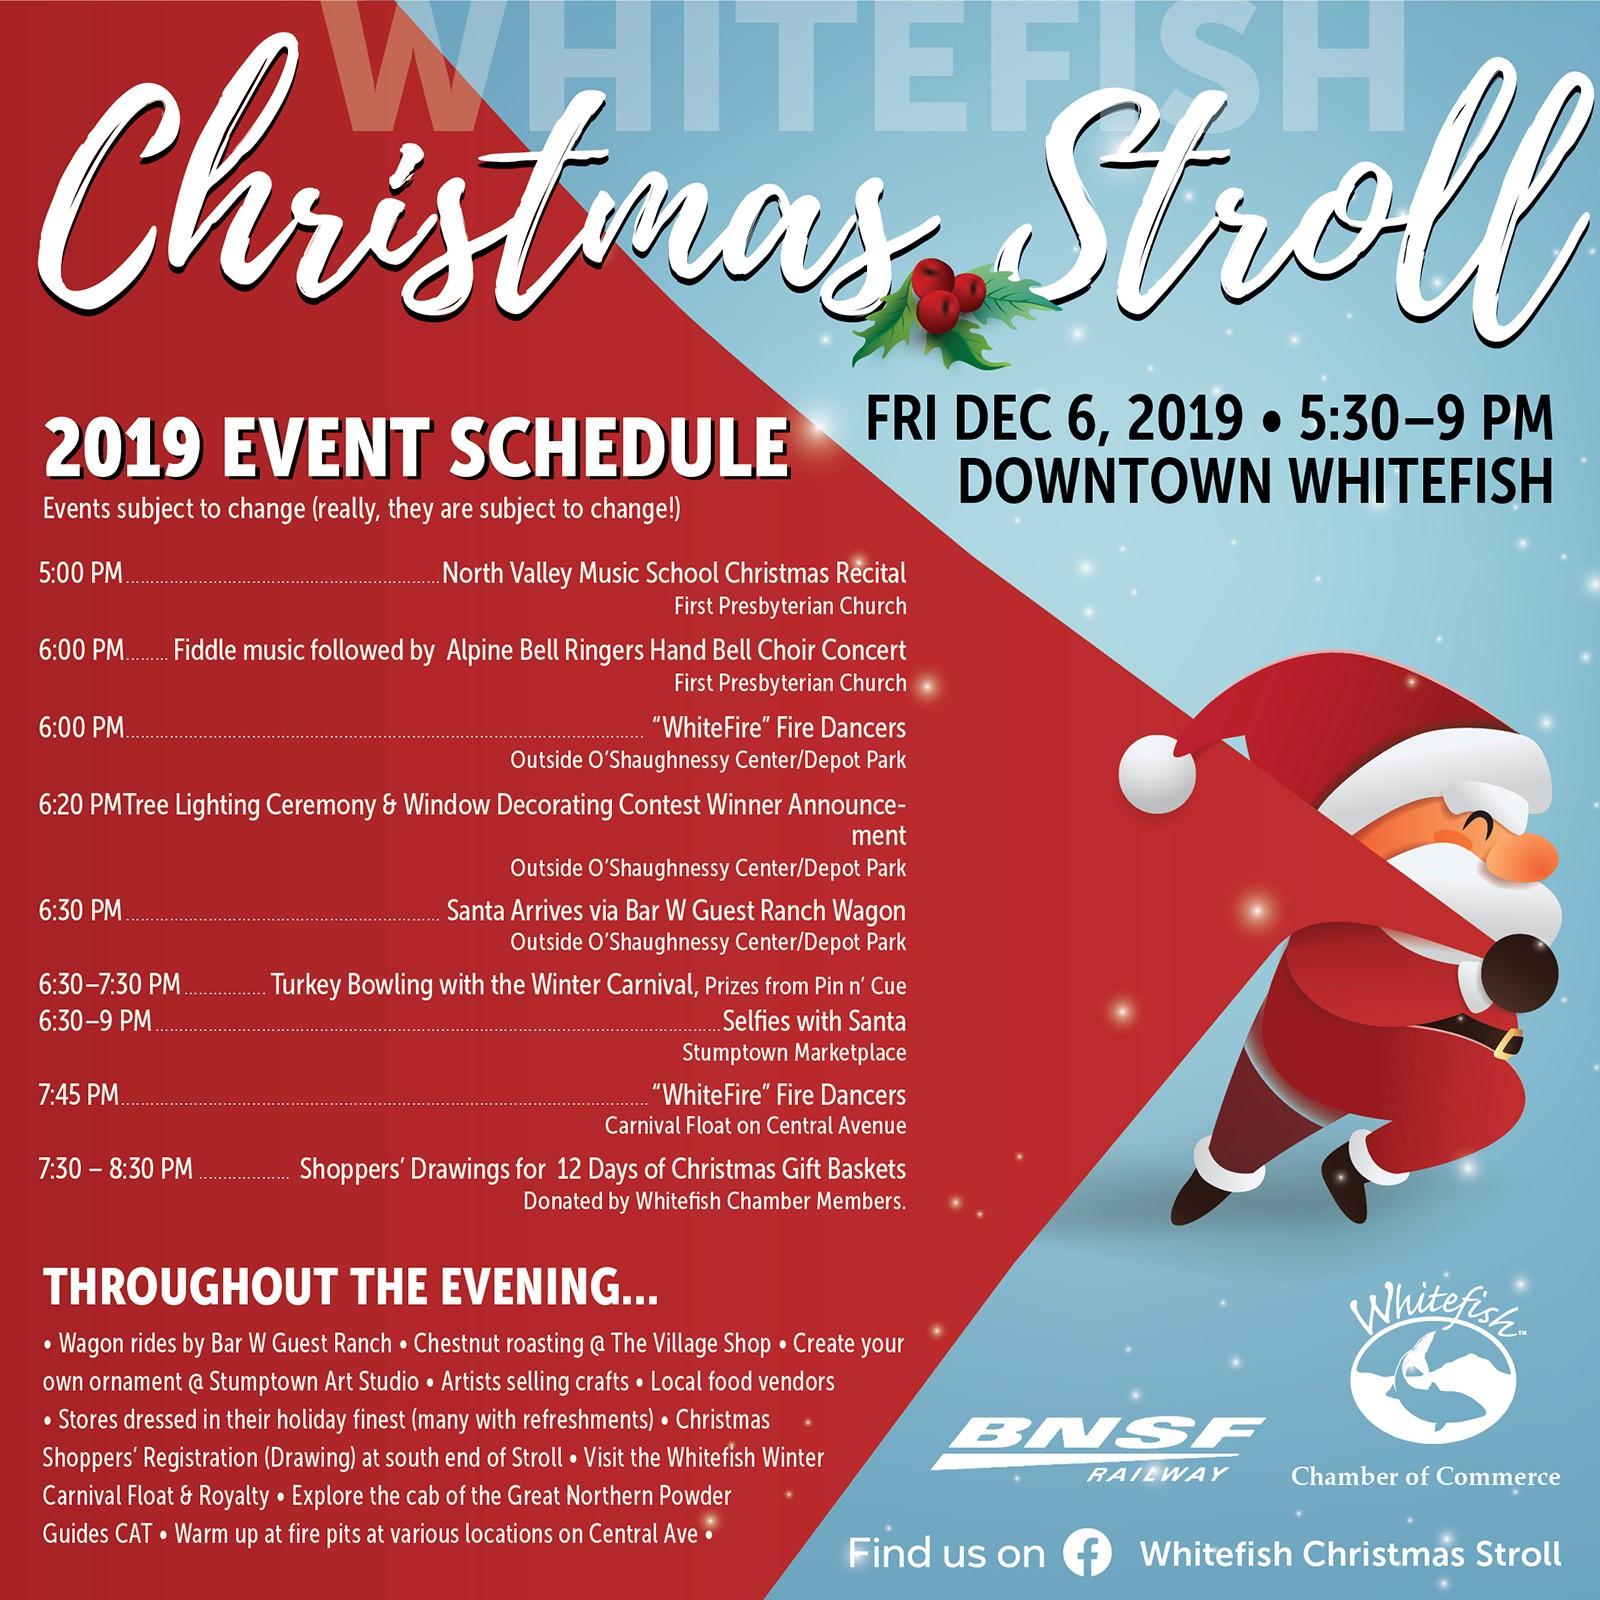 Christmas Carnival Kalispell Mt 2020 Christmas Stroll   Whitefish Chamber of Commerce, MT